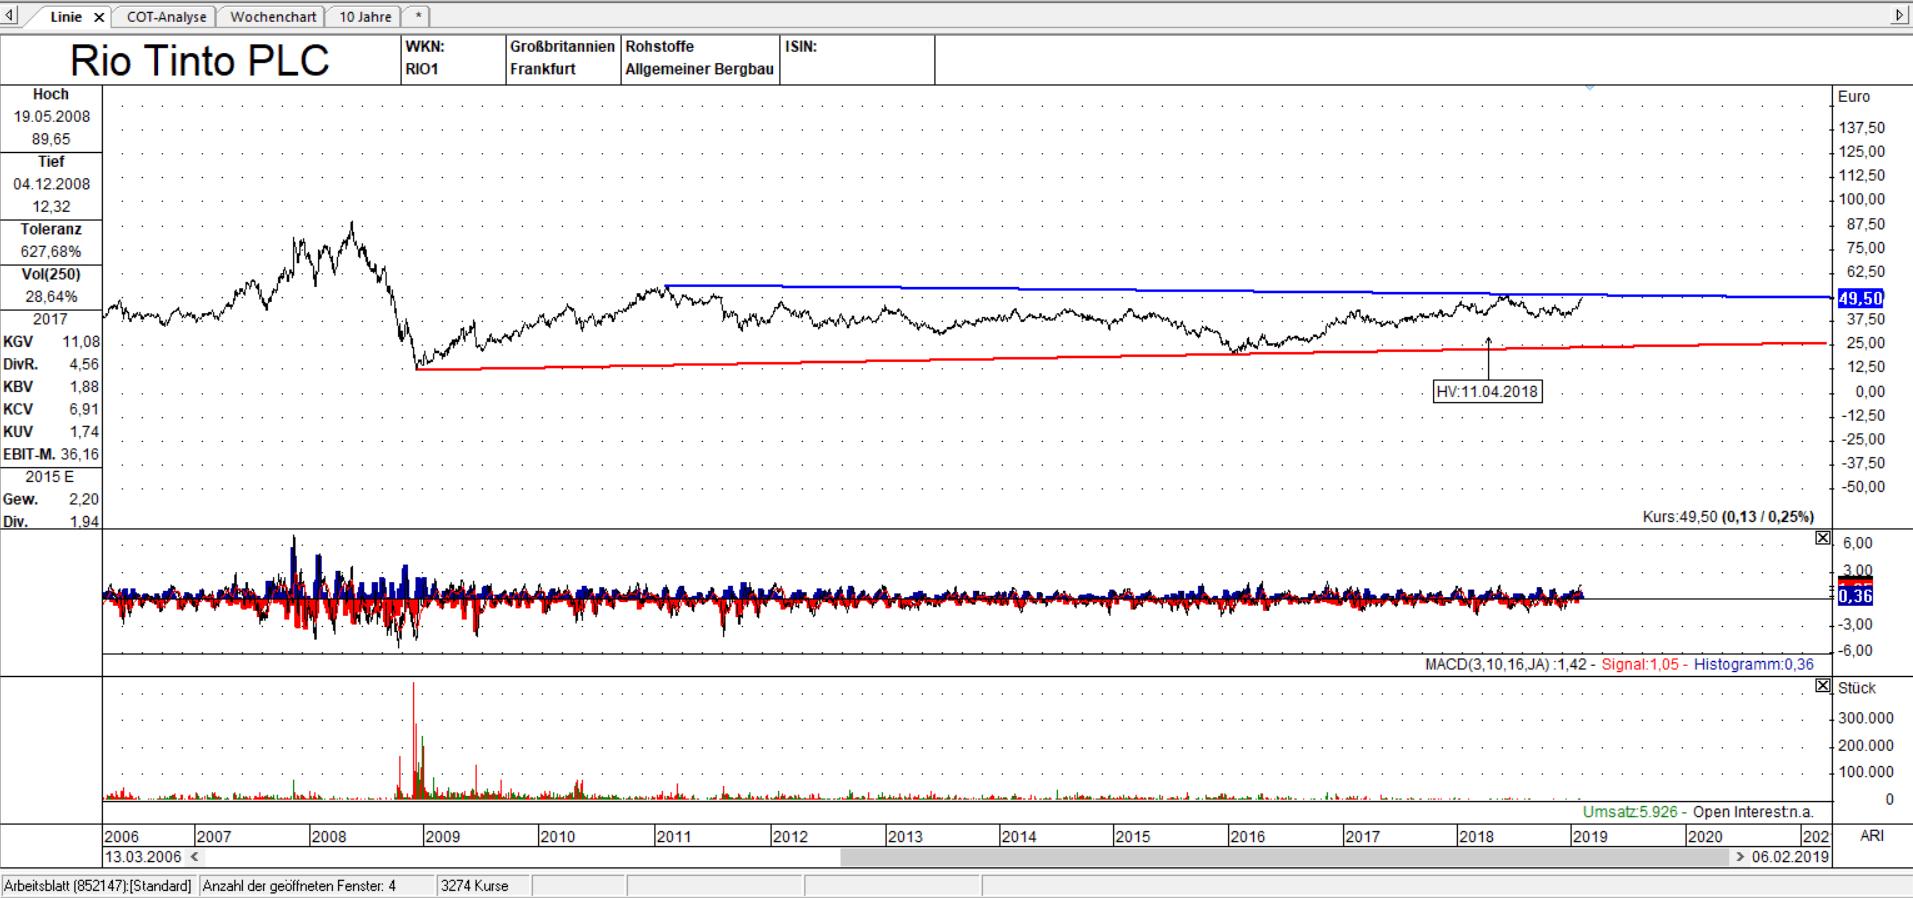 Rio Tinto PLC Linienchart, linear: Ein Ausbruch auf der Oberseite erscheint möglich